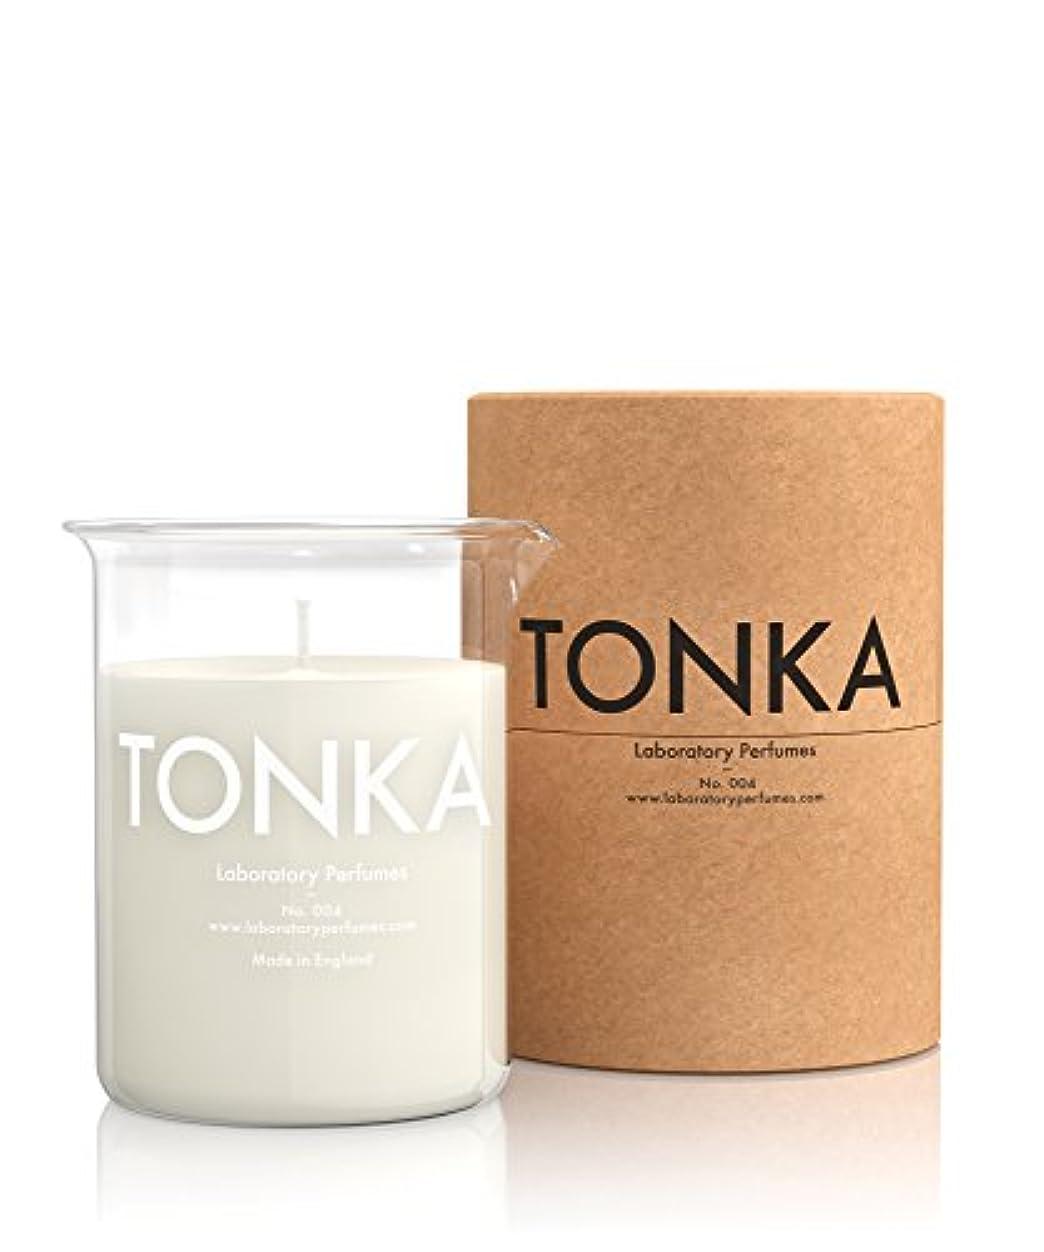 友情ことわざ有彩色のLabortory Perfumes キャンドル トンカ Tonka (アロマティックオリエンタル Aromatic Oriental) Candle ラボラトリー パフューム